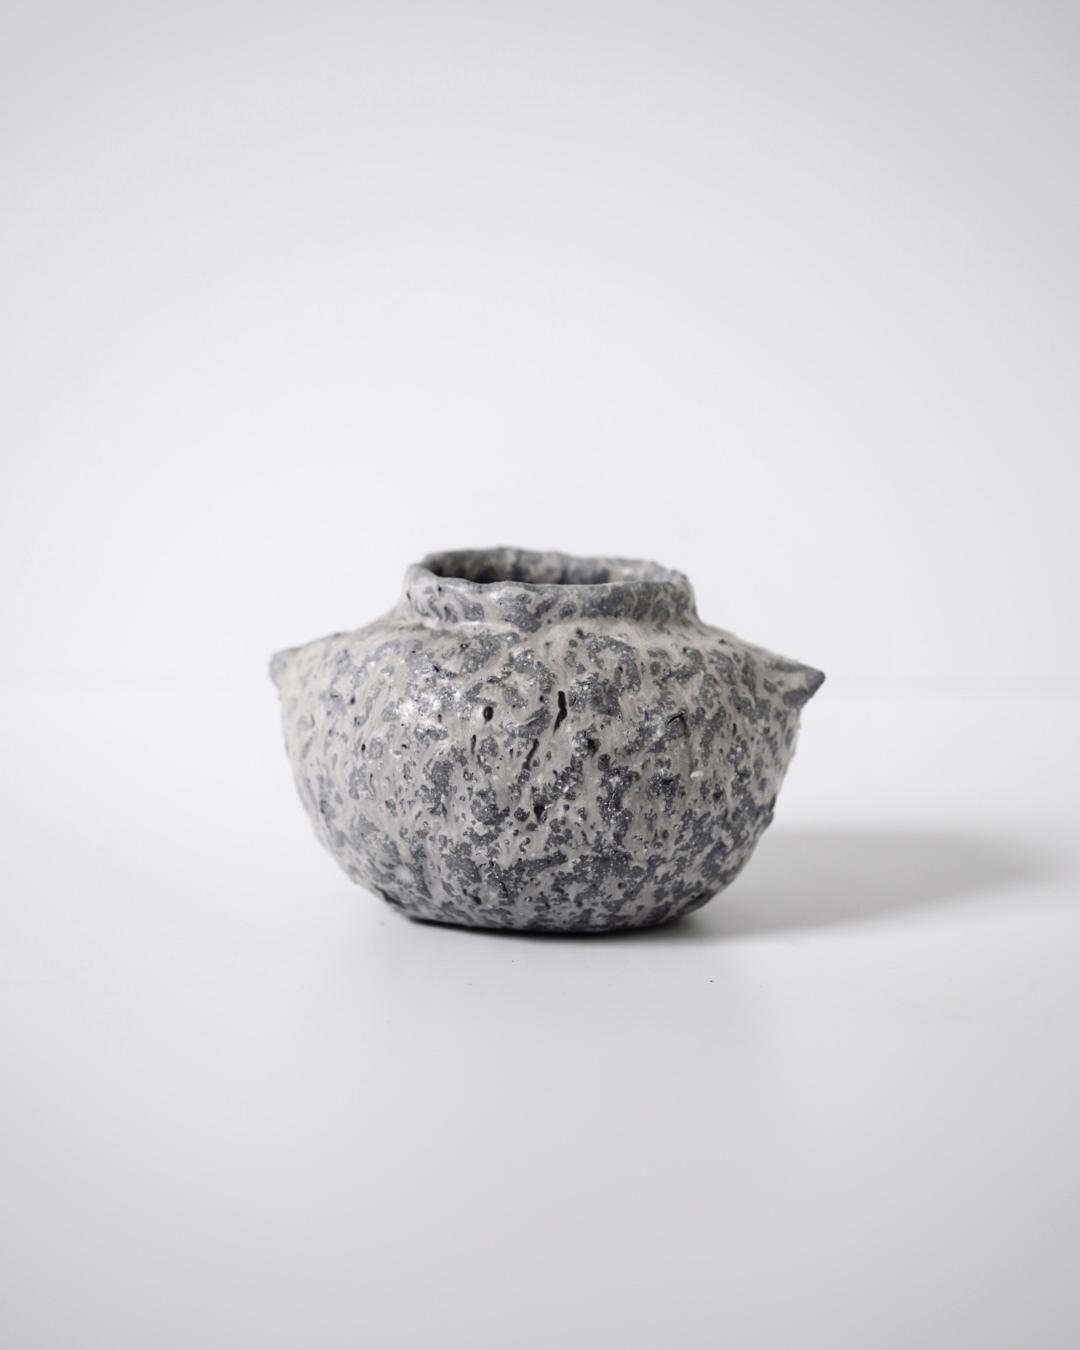 小黒ちはる / トリ 土器 (薪窯焼成)